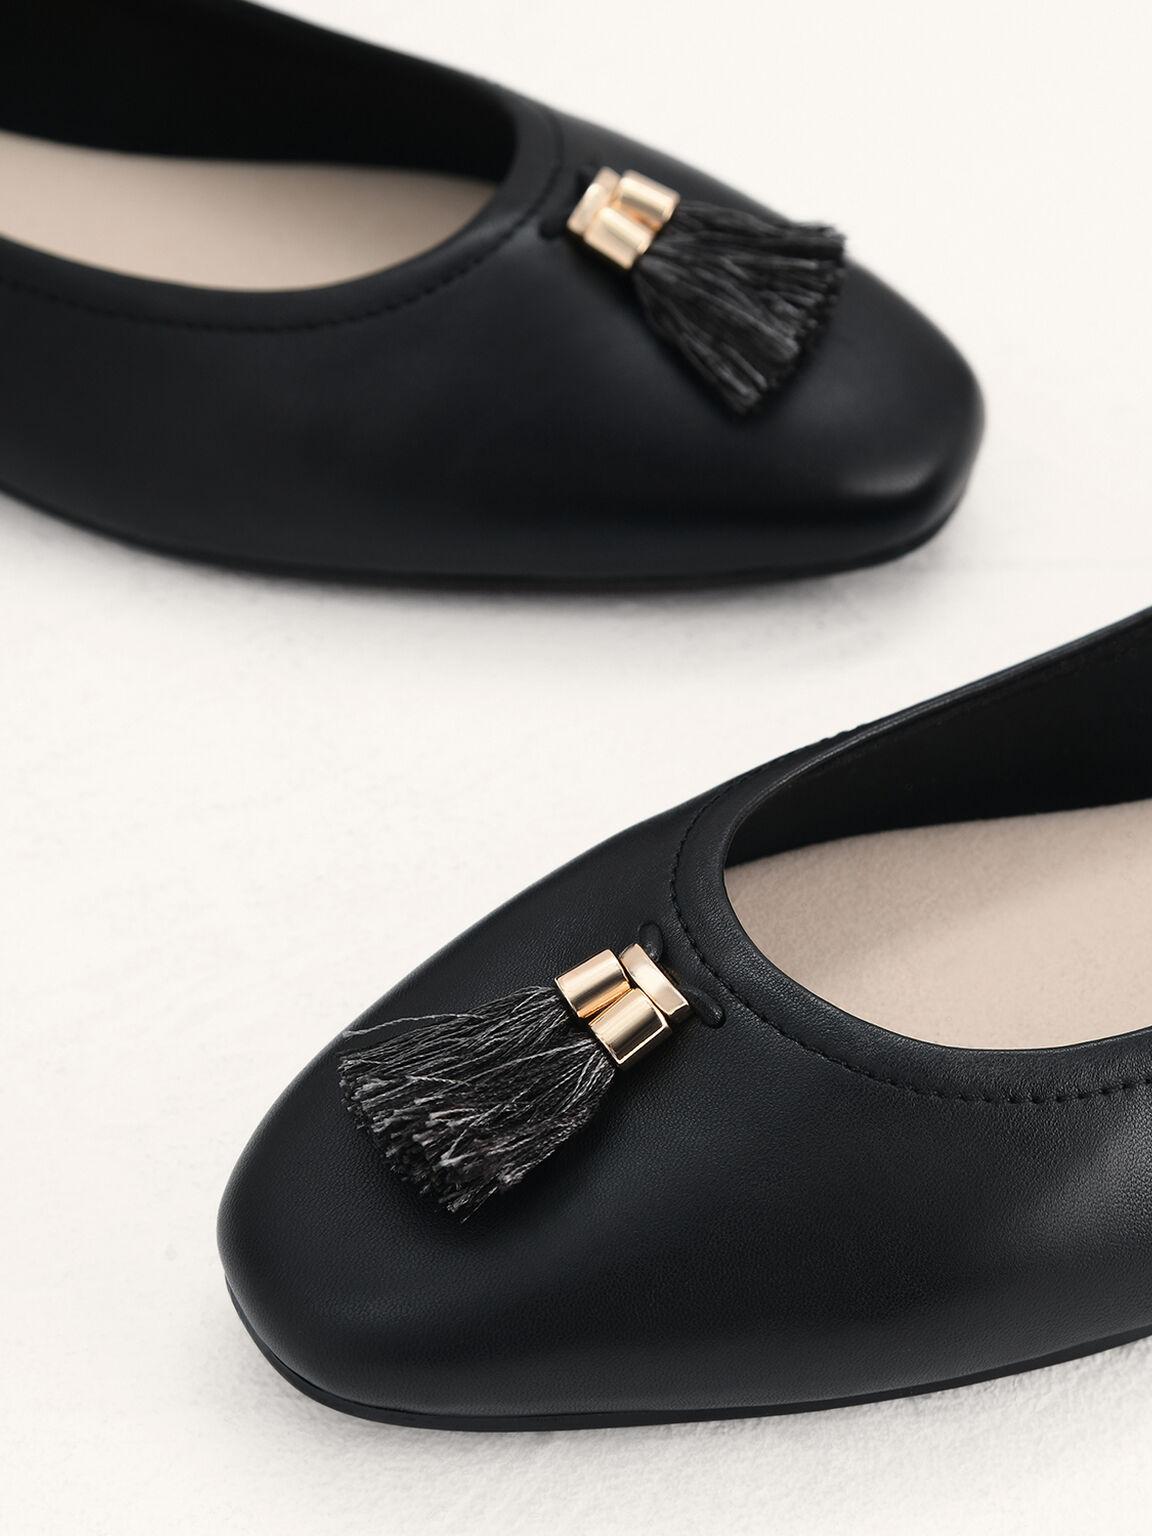 Leather Ballerina Flats, Black, hi-res